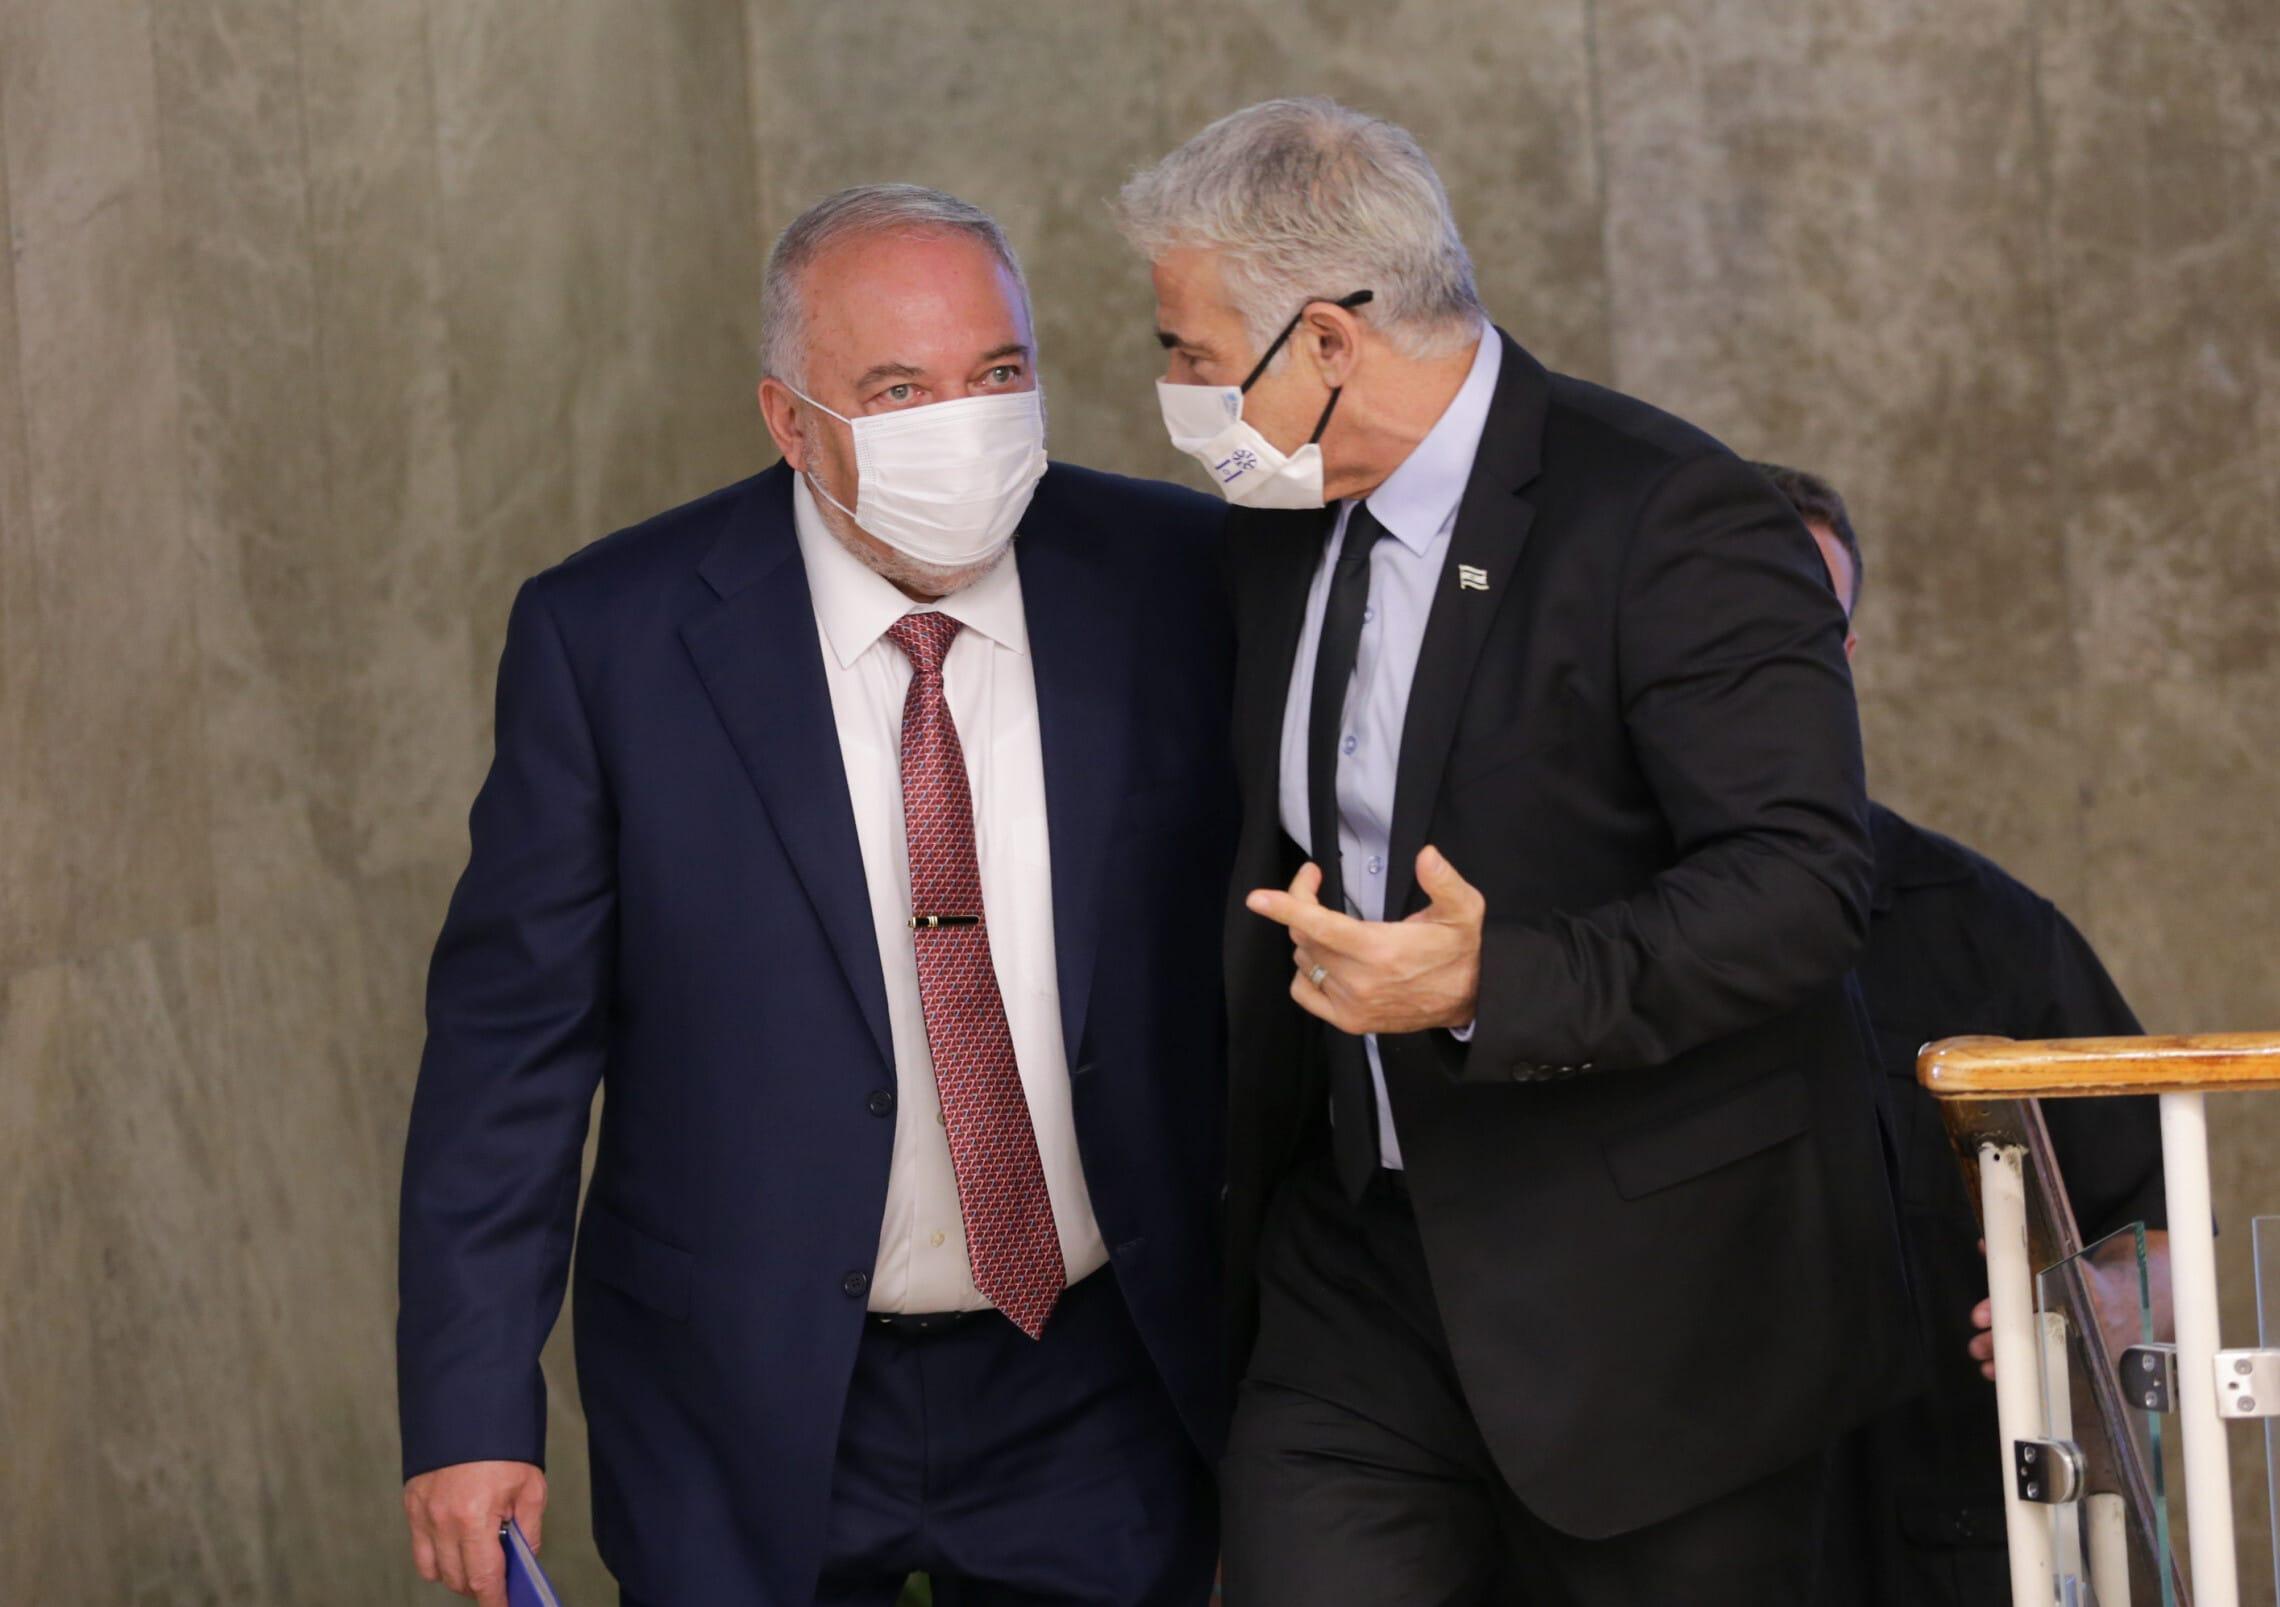 יאיר לפיד ואביגדור ליברמן בדרך לפגישת קבינט במשרד ראש הממשלה, 5 באוקטובר 2021 (צילום: Alex Kolomoisky/POOL)